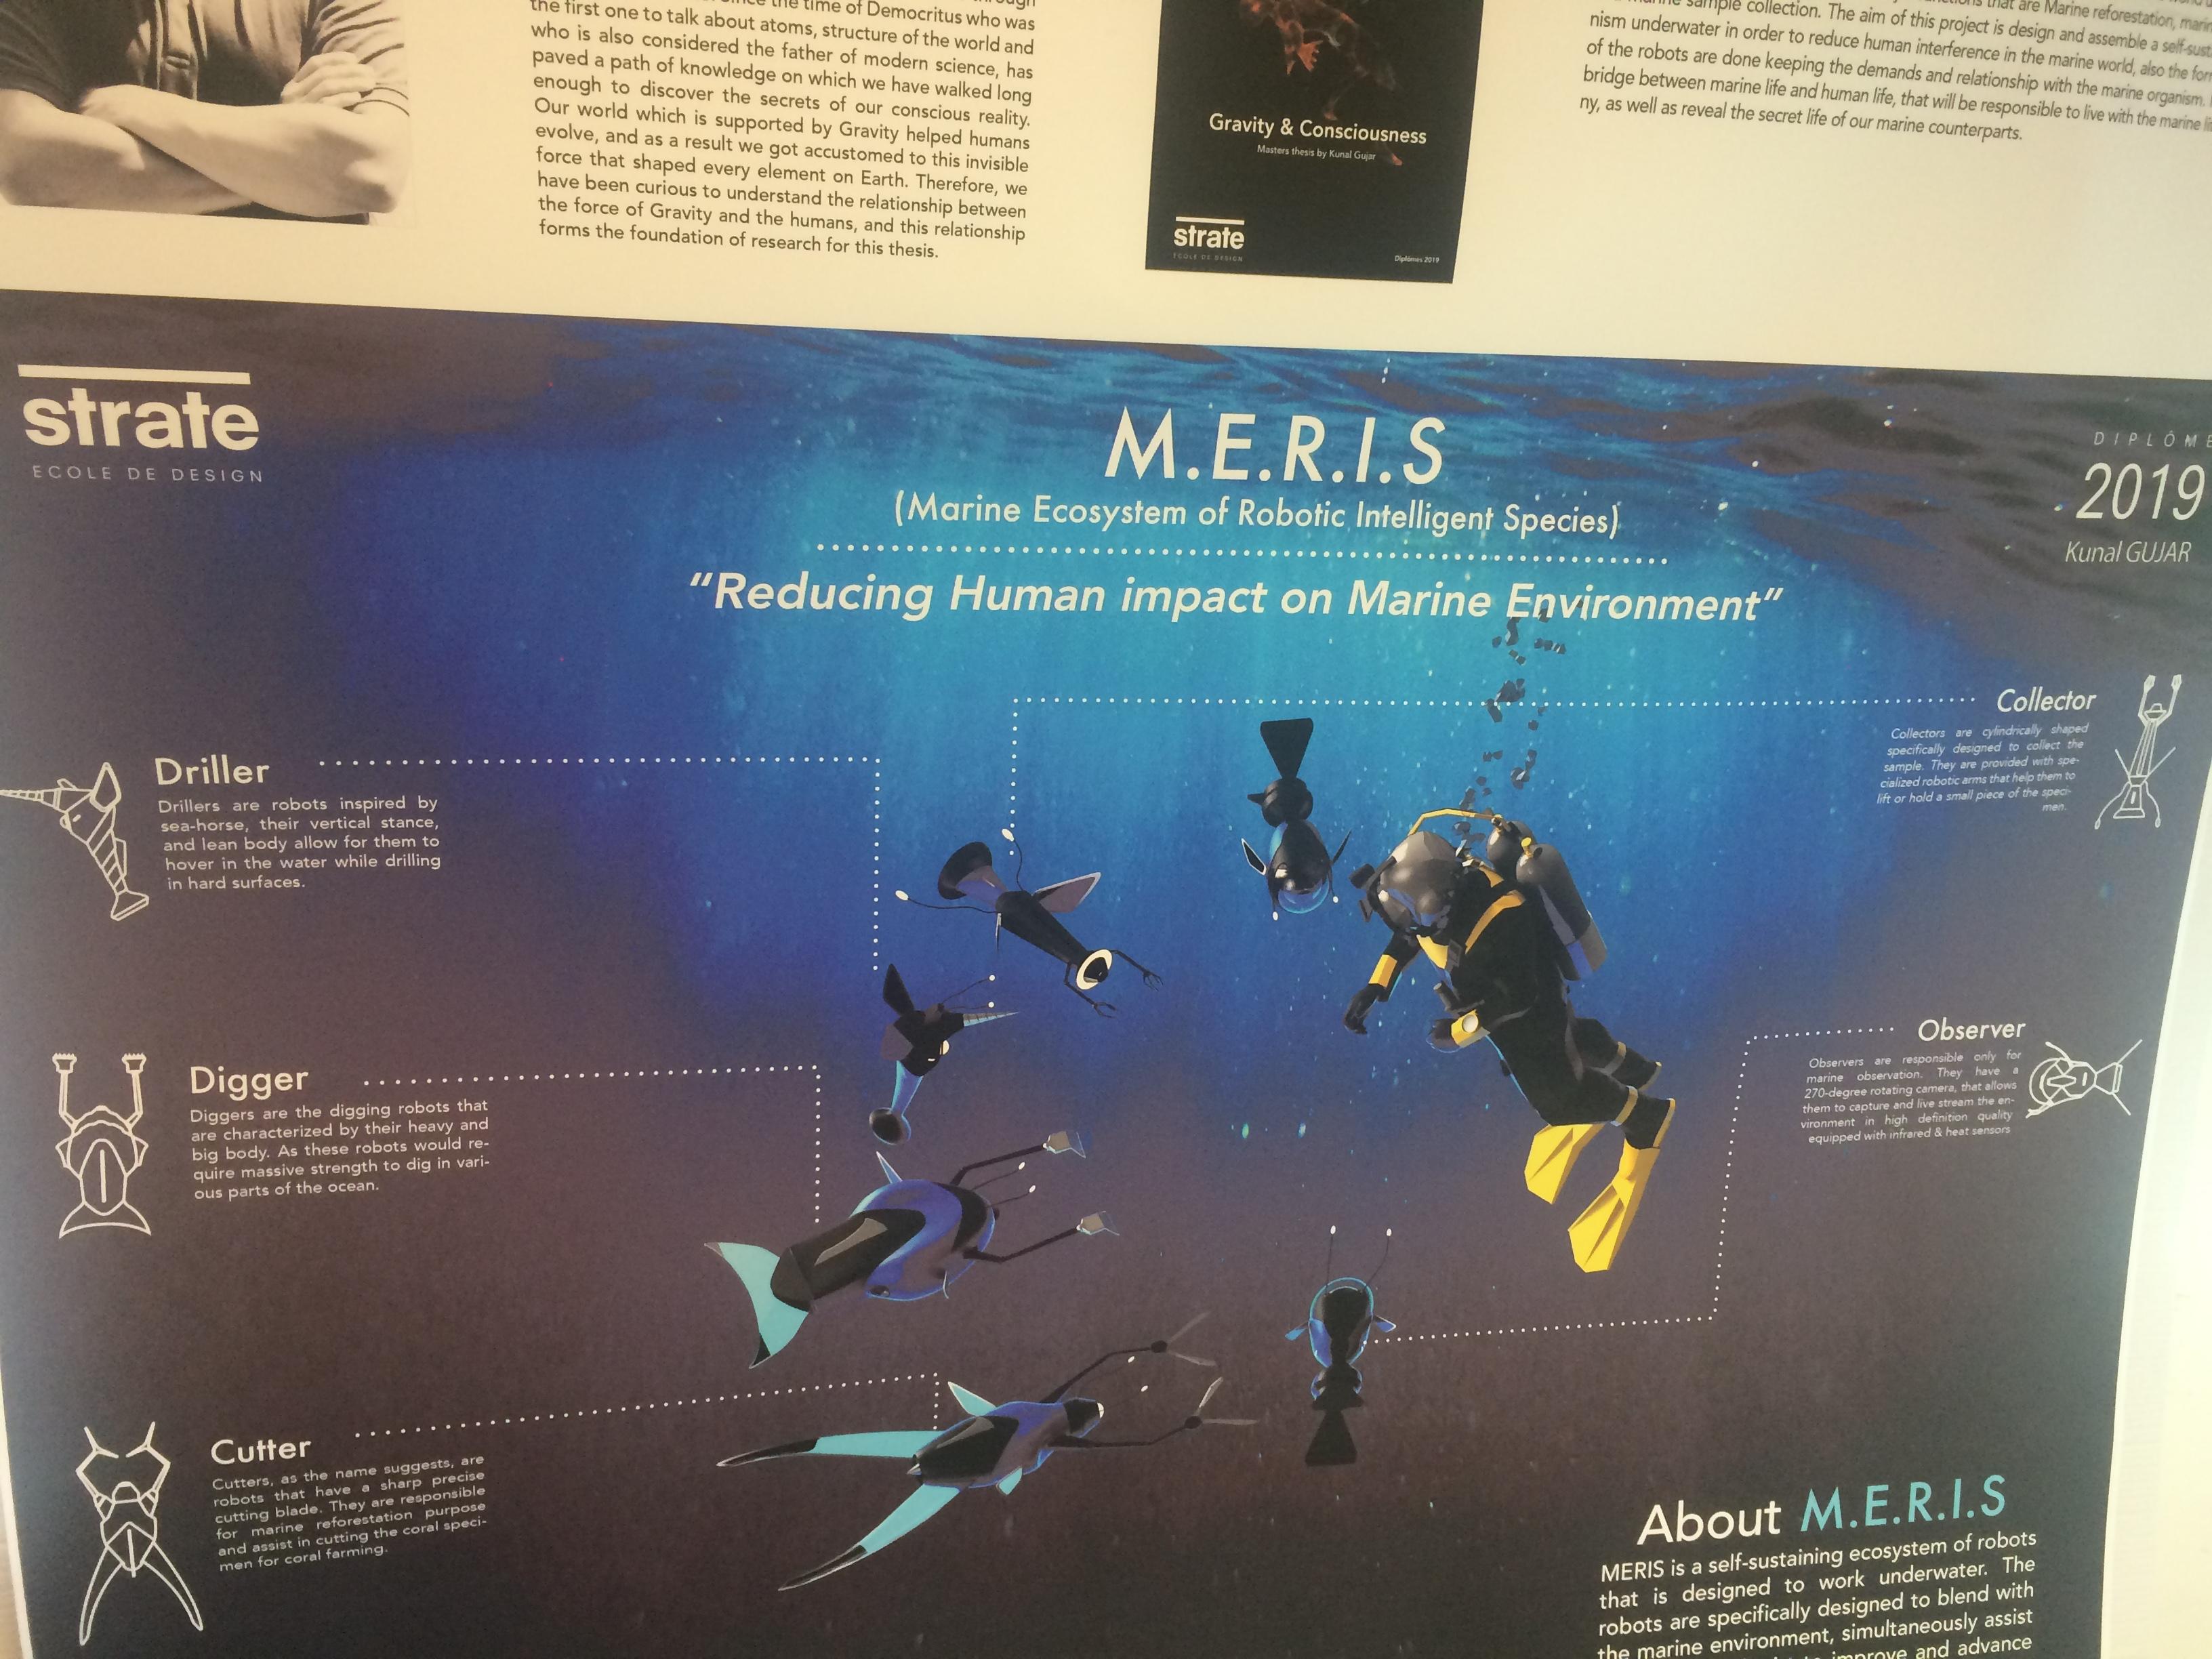 Projet de Kunal Gujar (félicitations du jury) intitulé MERIS pour Marine Ecosystem of Robotic Intelligent Species ; un écosystème de robots d'inspiration biomimétique à l'interface des mondes marins et terrestres en vue d'aider les biologistes à la reforestation des récifs coralliens.